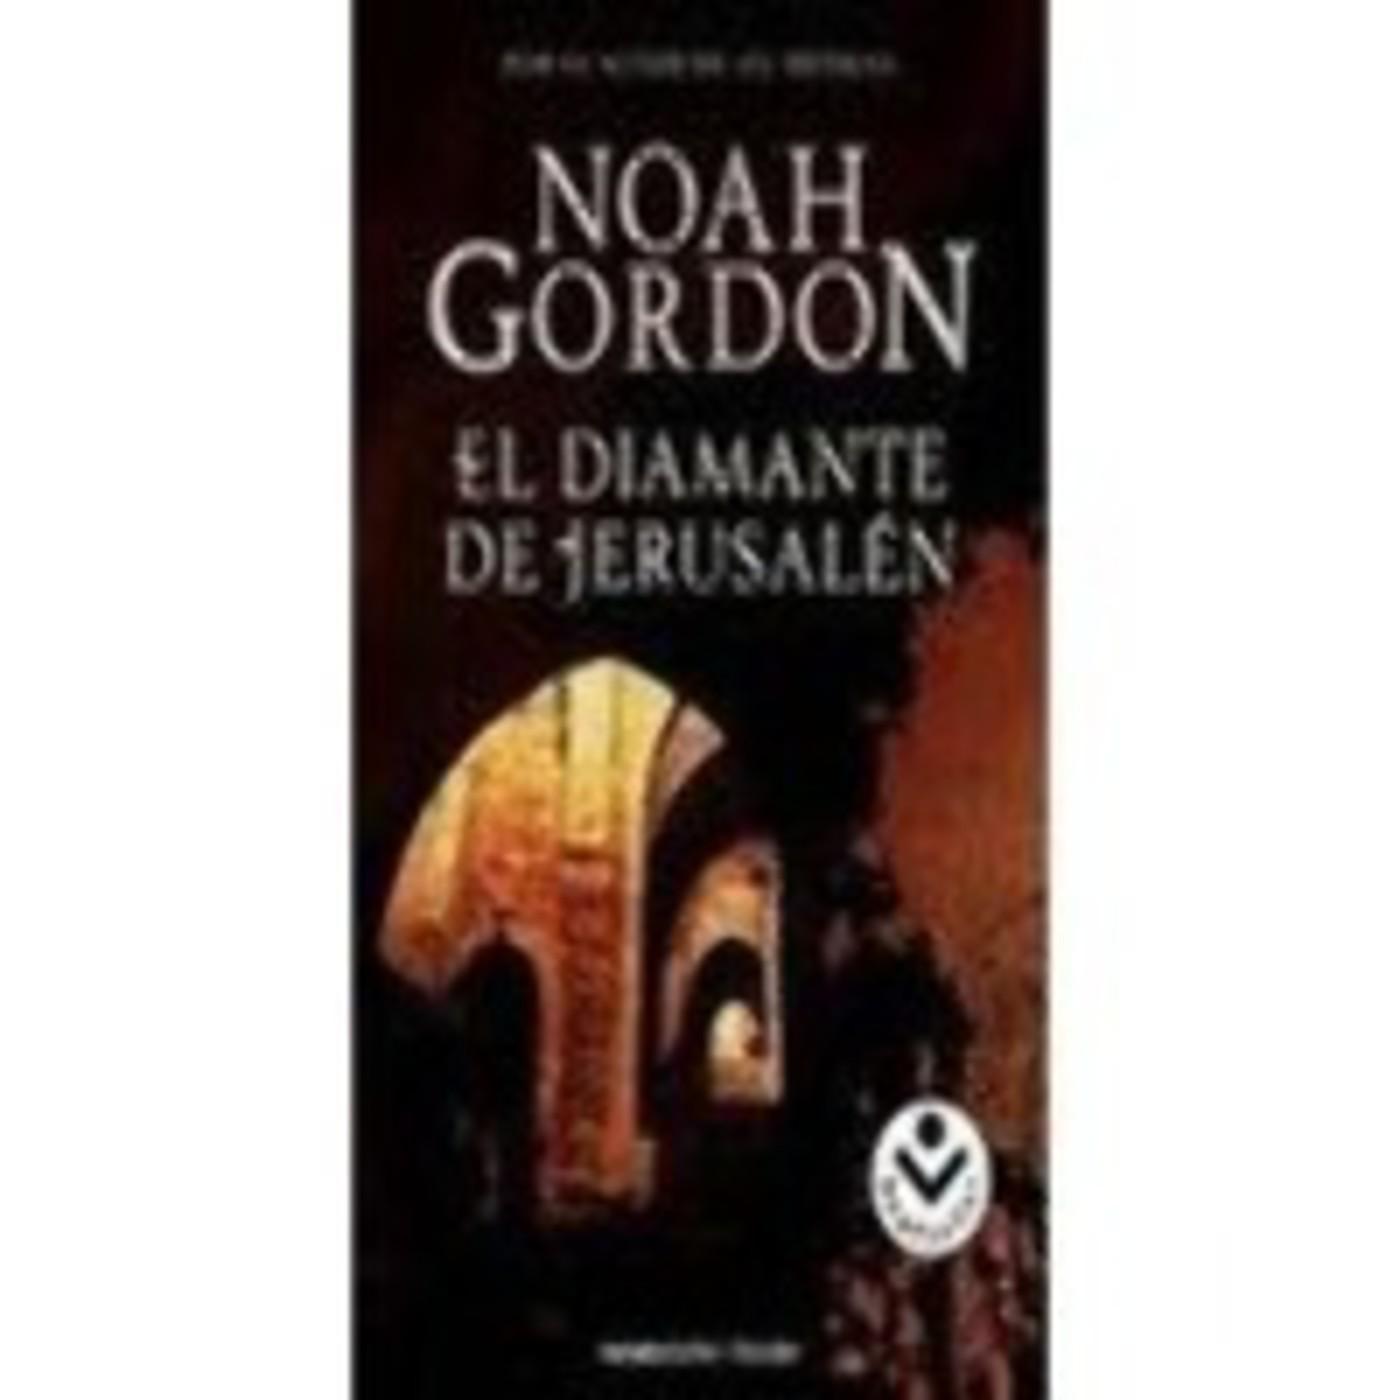 El diamante de Jerusalén de( Noah Gordon)-1 en Podcast MIS NOVELAS  FAVORITAS en mp3(28/10 a las 09:35:59) 01:17:35 1530346 - iVoox